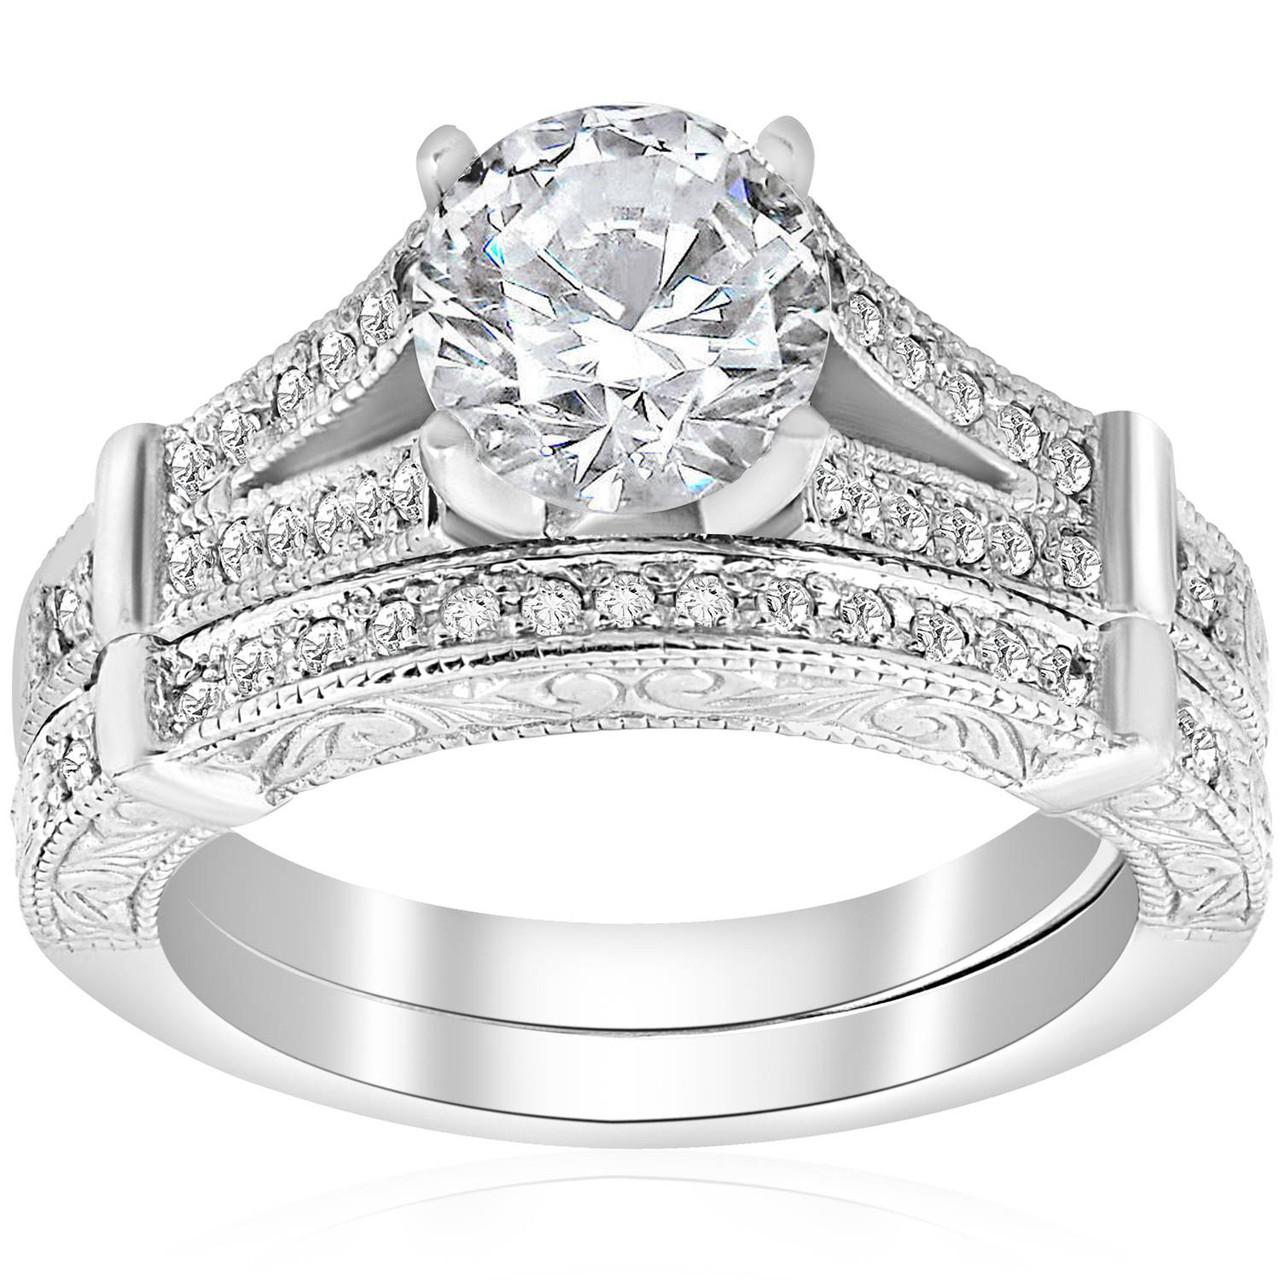 1 1 2ct Diamond Vintage Engagement Matching Wedding Ring Set 14k White Gold